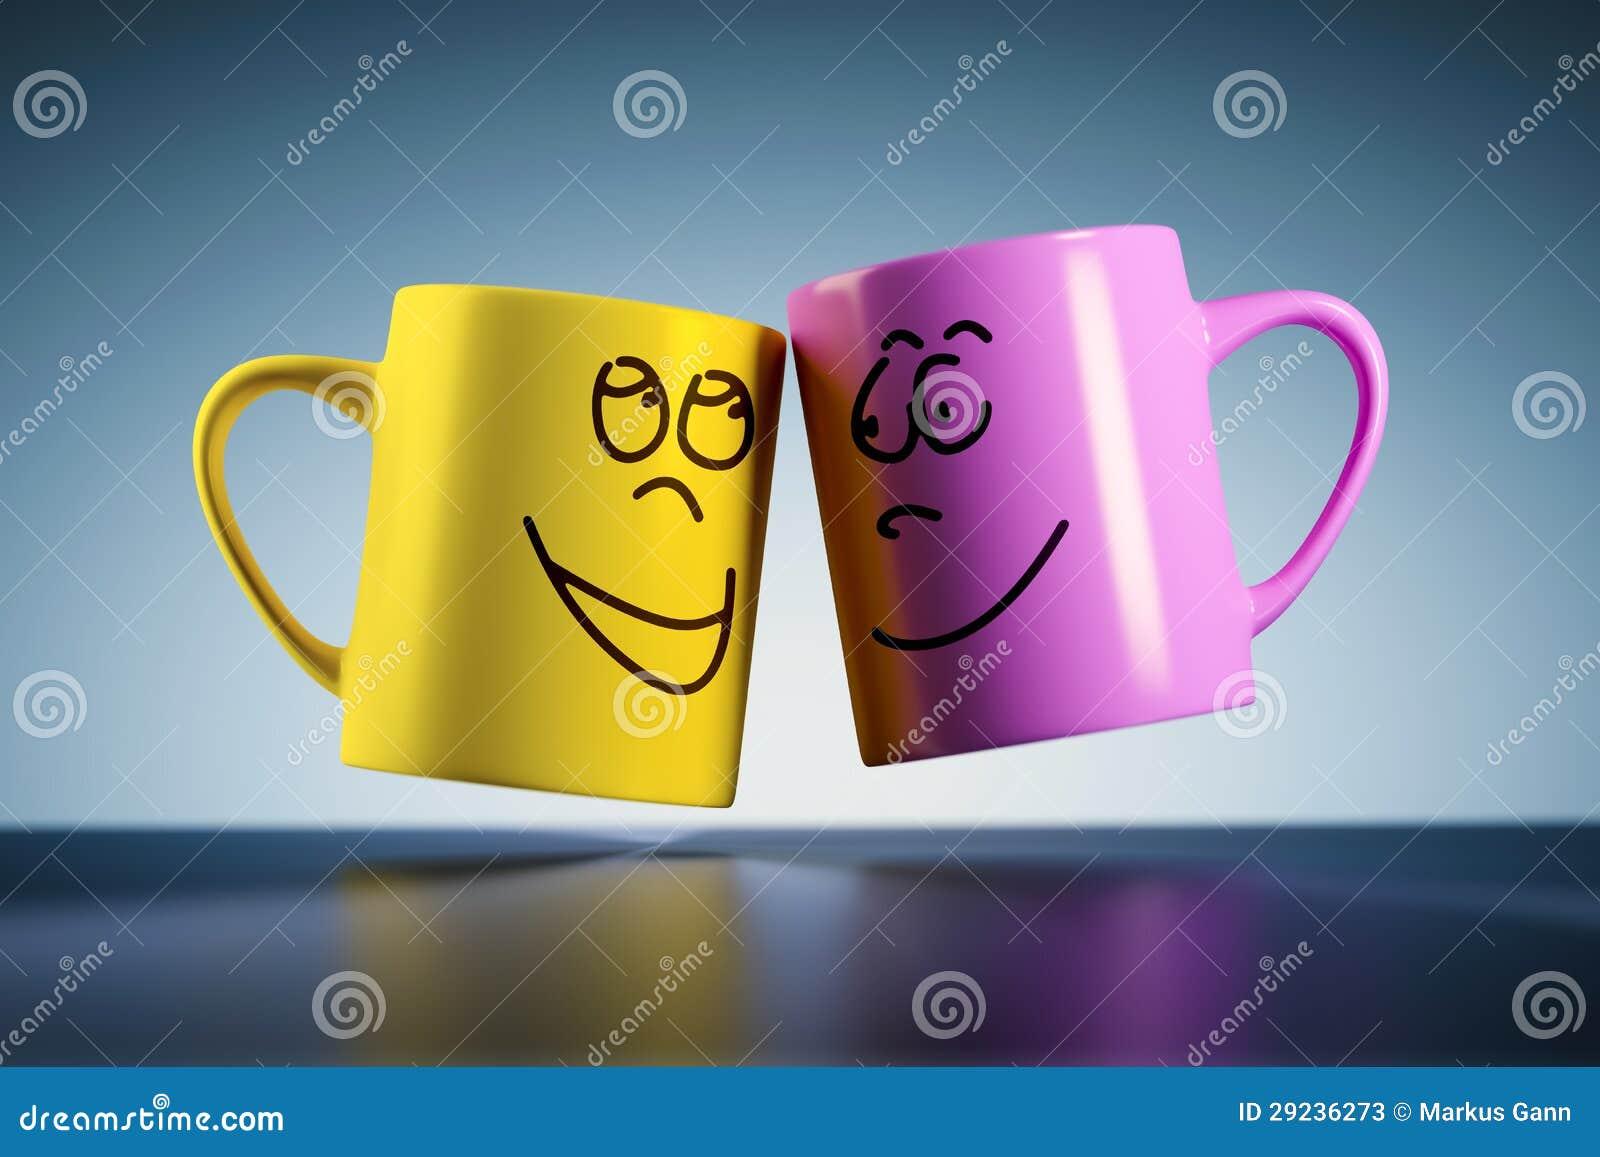 Download Canecas de café sem peso ilustração stock. Ilustração de modo - 29236273